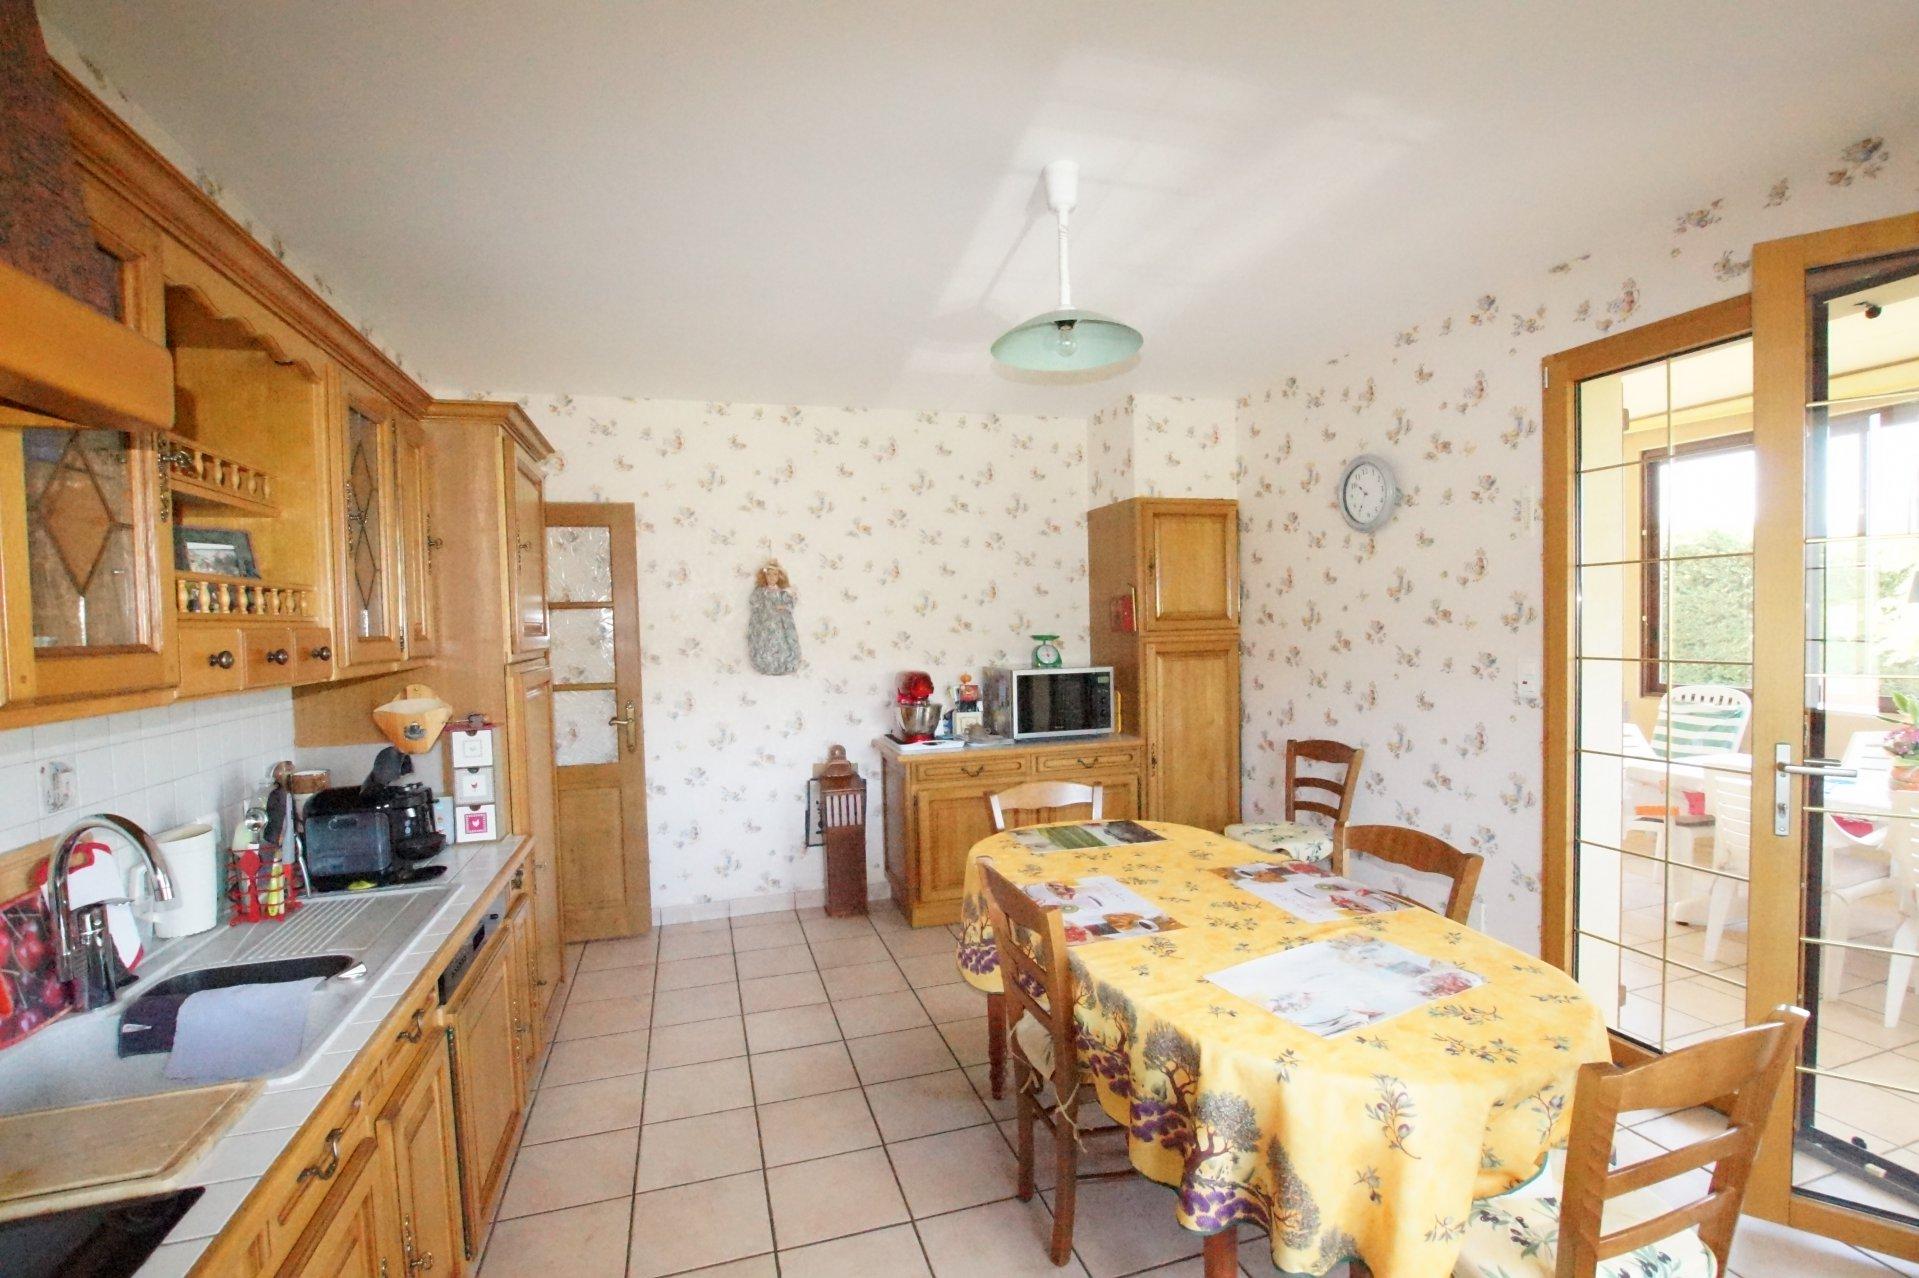 Lugny, dans un village viticole avec tous commerces et commodités, venez découvrir cette jolie villa de 2002 en parfait état offrant une surface habitable de 210 m² environ. Elle se compose d'un bel espace vie ouvert sur la véranda de 30m², une cuisine équipée, 4 grandes chambres, une salle d'eau et wc. Au rez-de-chaussée, vous trouverez un double garage, une cave, une cuisine d'été avec chaufferie et buanderie, salle d'eau et wc. Maison dans un environnement calme, lumineuse et en parfait état, prestations de qualités. A noter, la maison bénéficie d'un ascenseur! Le tout est implanté sur un joli terrain de 4 000 m² environ.